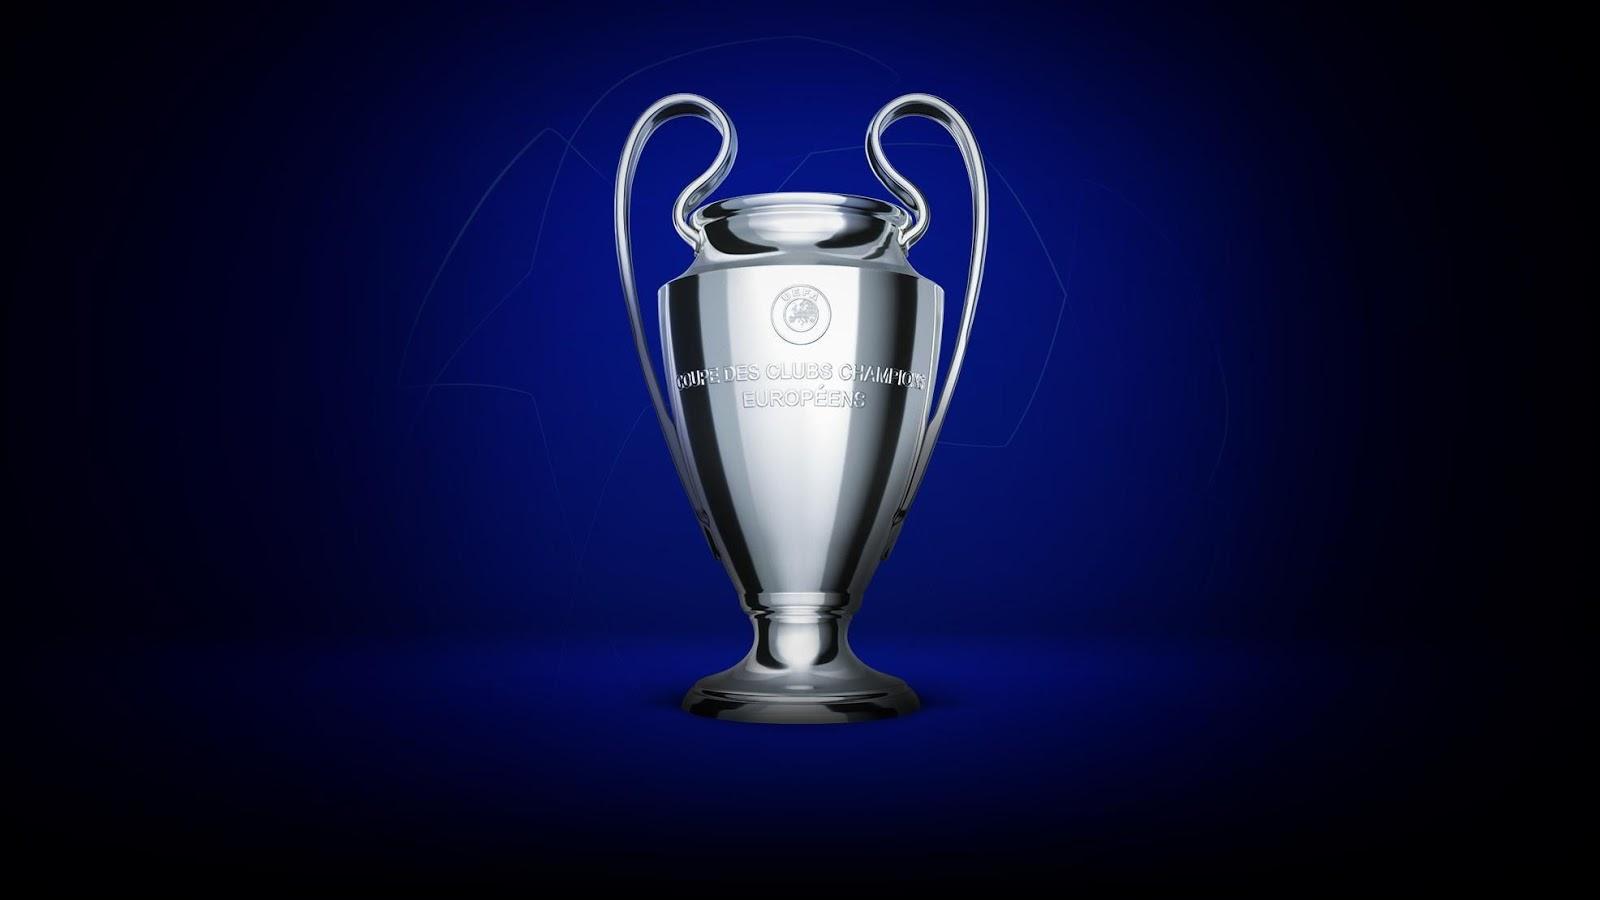 Sorteo de cruces para la Champions League y Europa League: Día y horarios